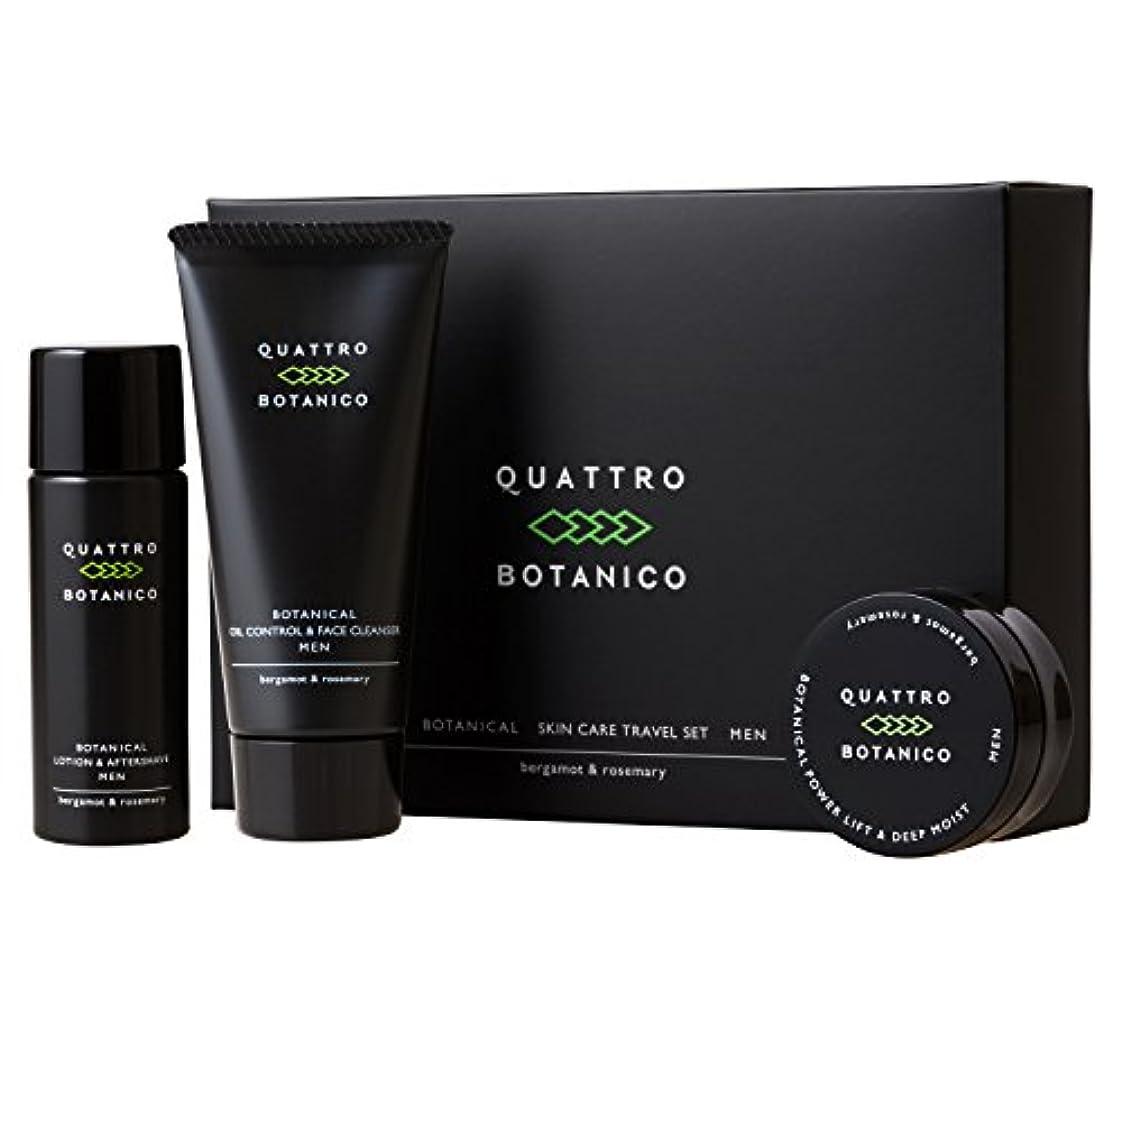 望まない信じるリースクワトロボタニコ (QUATTRO BOTANICO) 【 メンズ 化粧品 】 ボタニカル スキンケア トラベル セット (洗顔 化粧水 クリーム) 男性用 2週間分 保湿